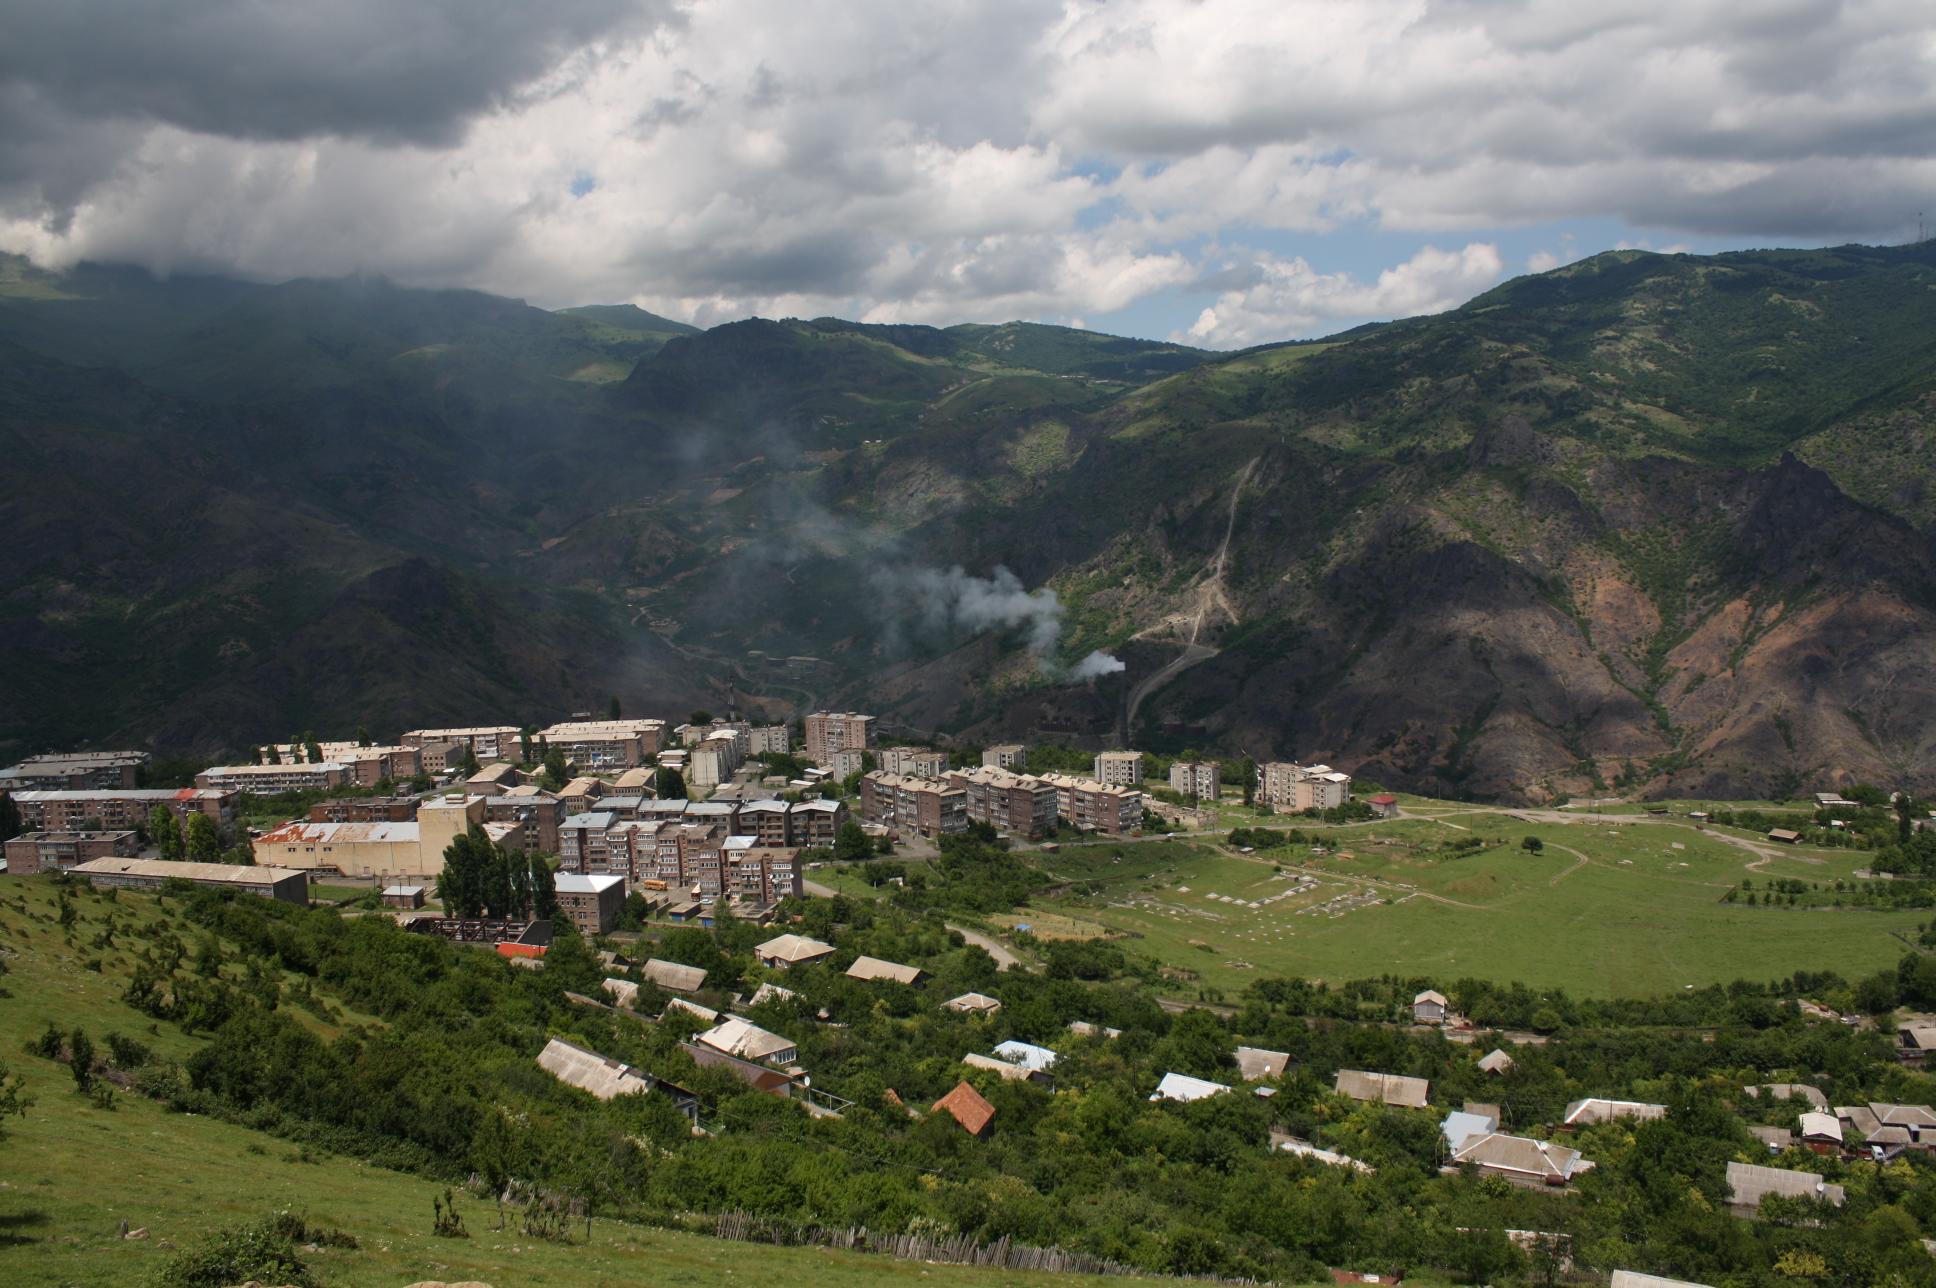 Ժողովուրդ. Ալավերդու պղնձաձուլական գործարանն առաջիկայում կդադարեցնի գործունեությունը